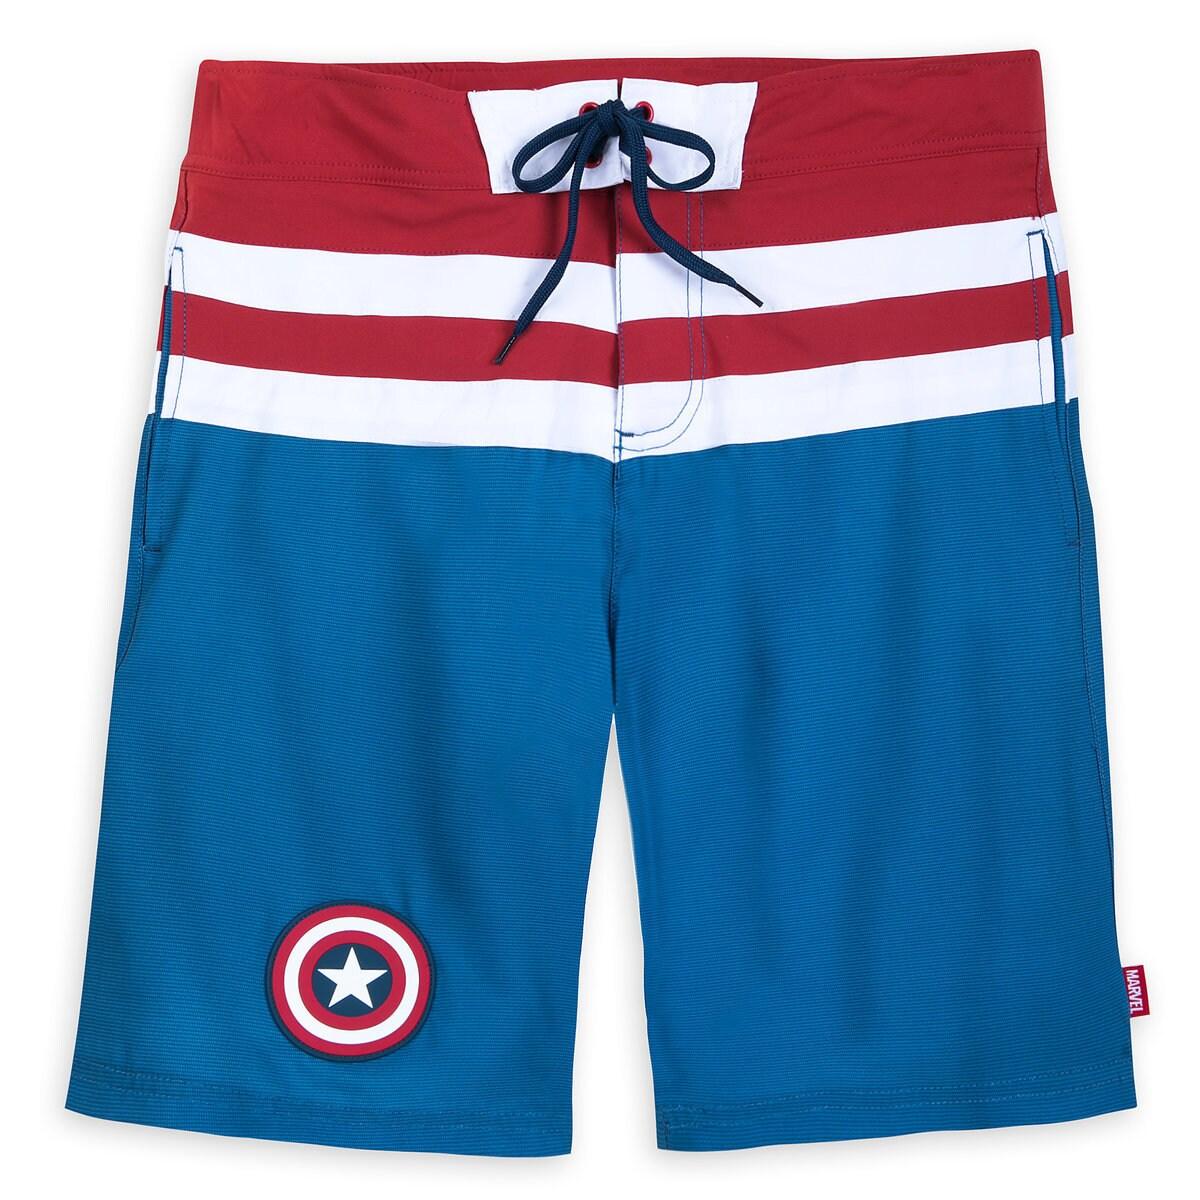 4b085c5f96163 Product Image of Captain America Swim Trunks for Men # 1